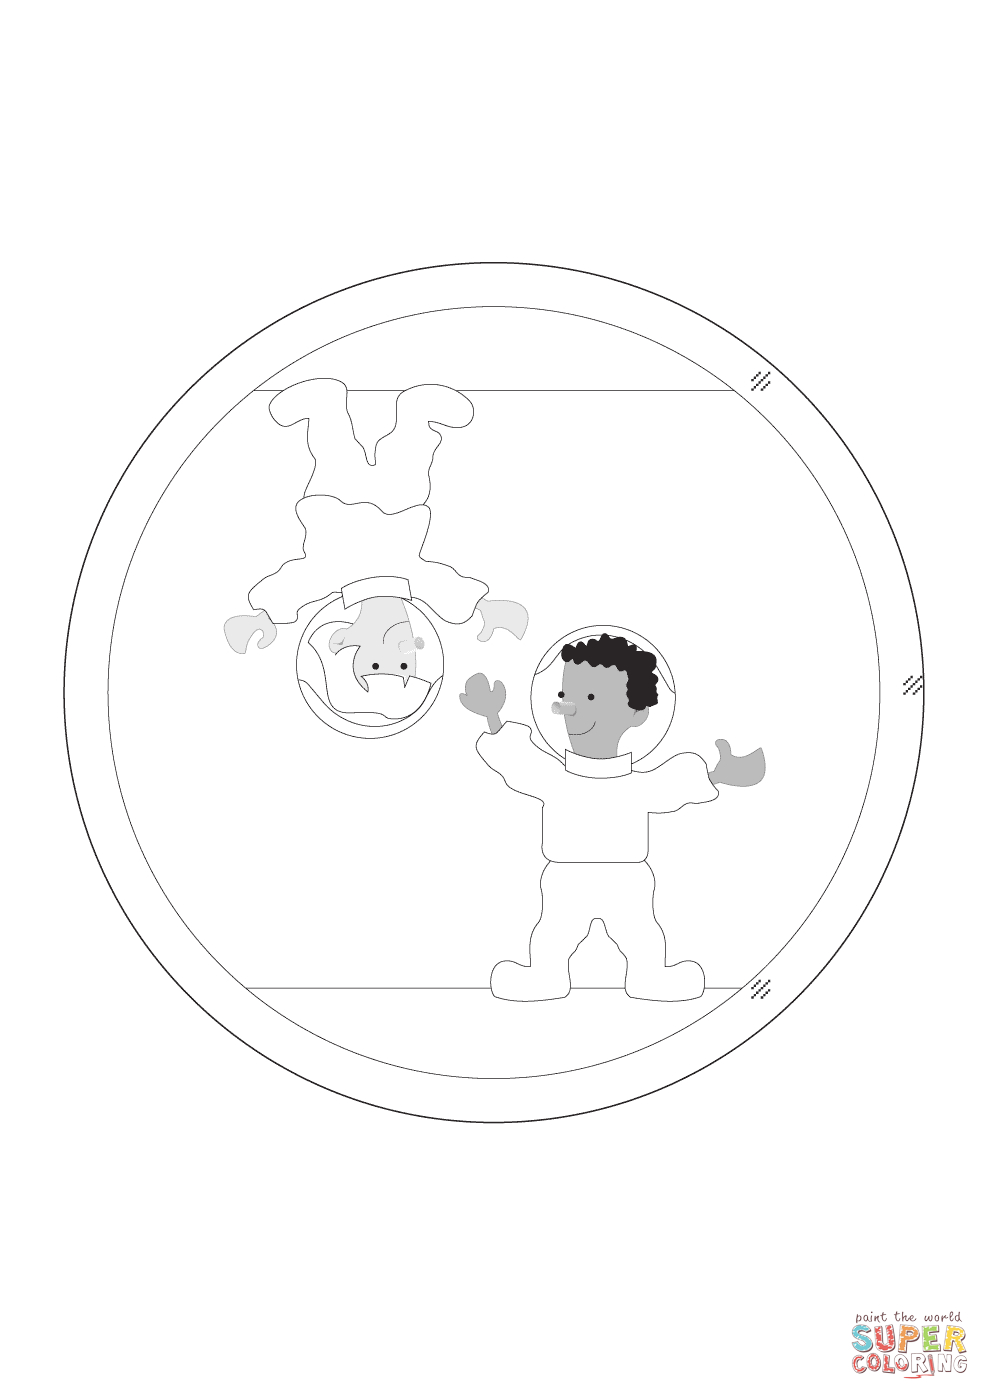 Coloriage - Astronaute En Apesanteur | Coloriages À Imprimer pour Coloriage Astronaute